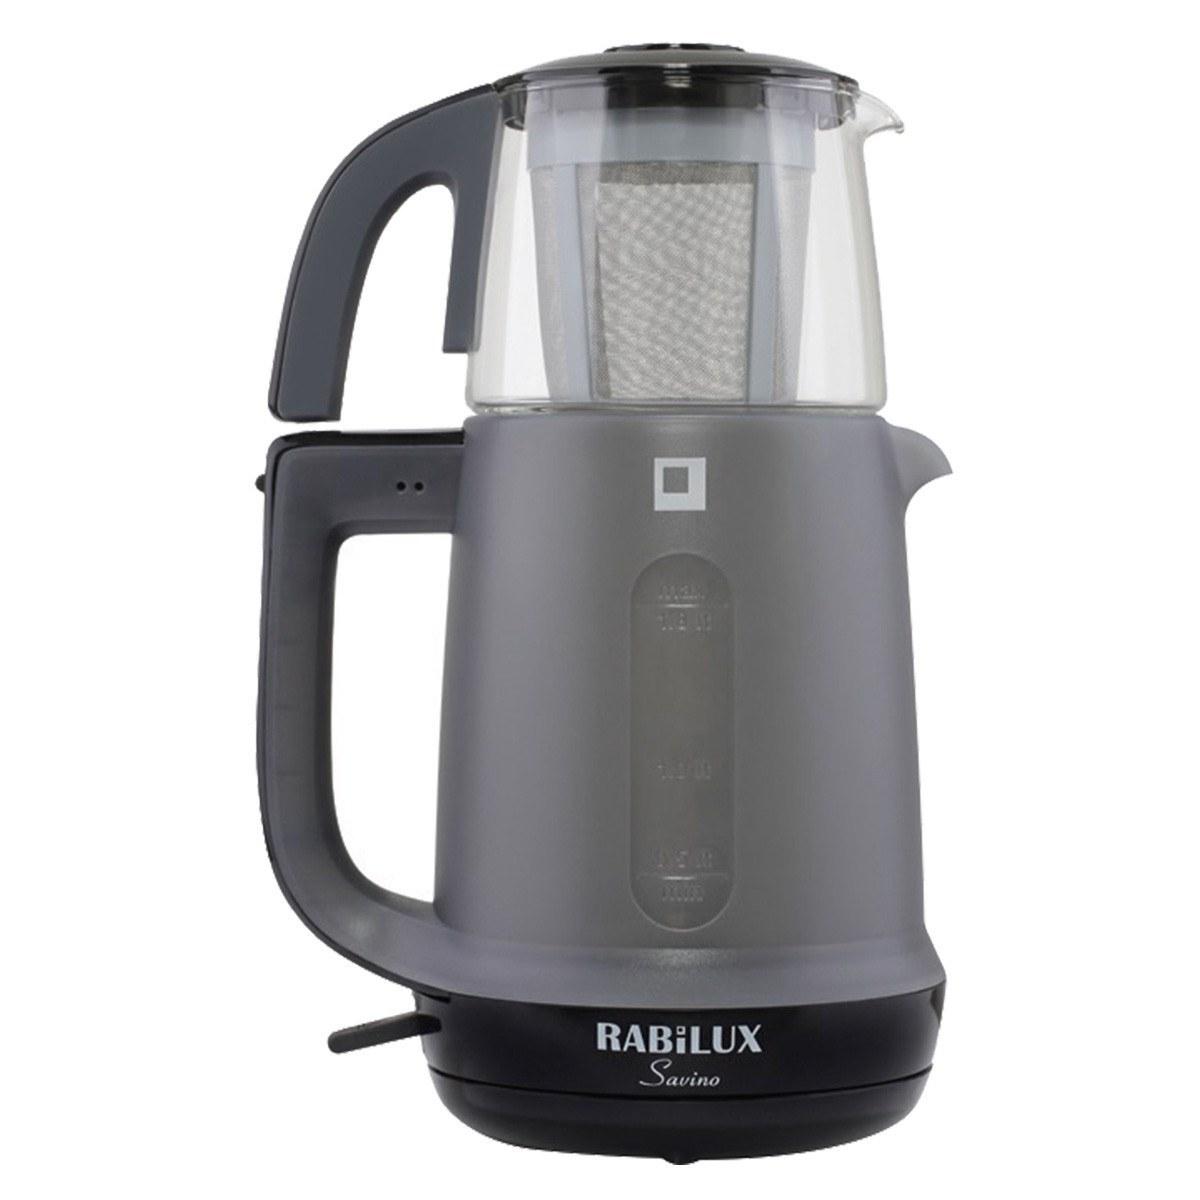 تصویر چای ساز رابیلوکس Rabilux Savino 111408 Tea Maker